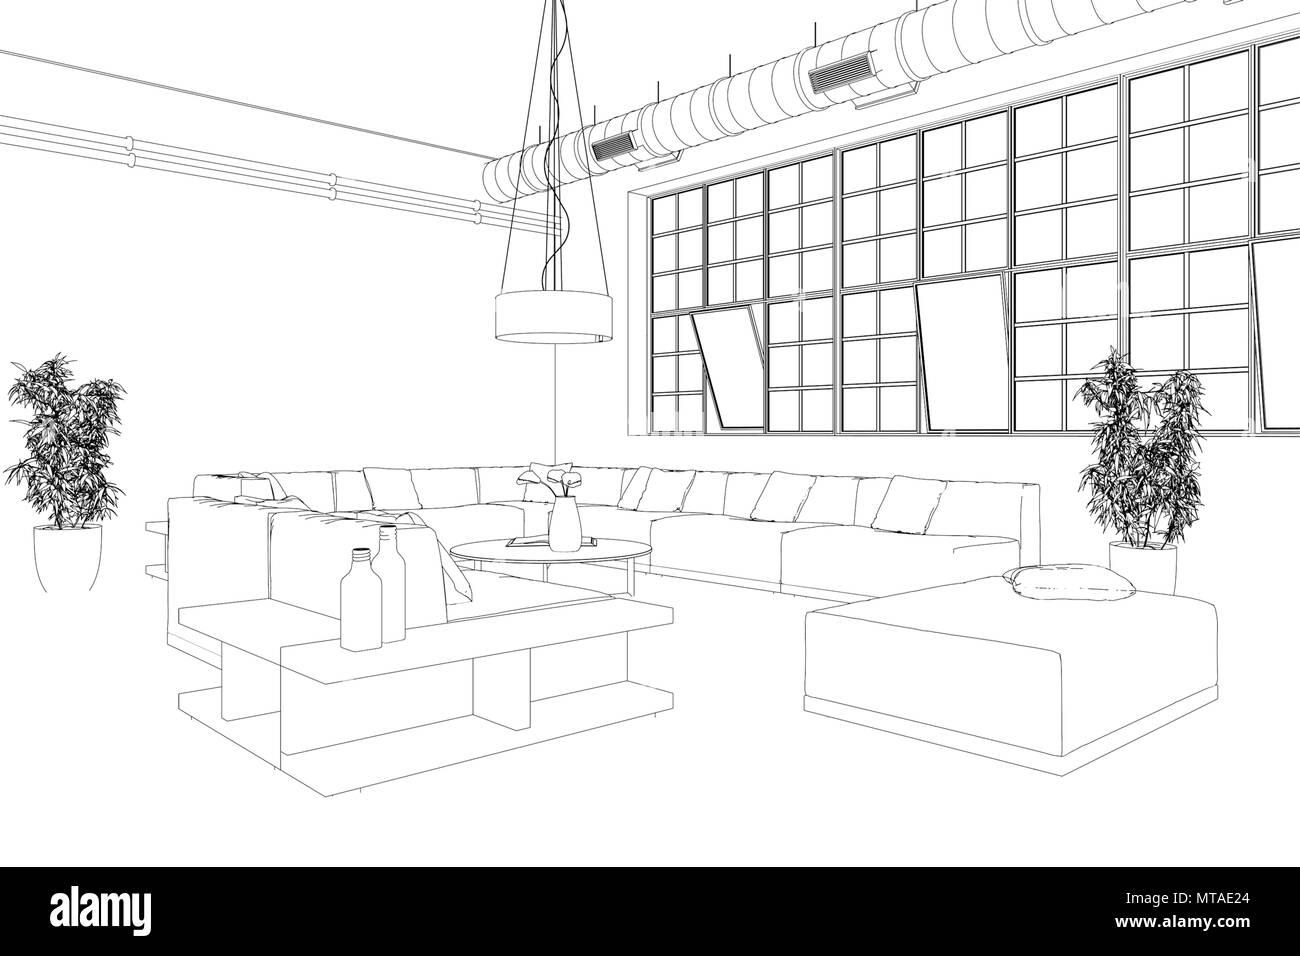 Innenarchitektur Loft benutzerdefiniertes Zeichnen Stockfotografie ...